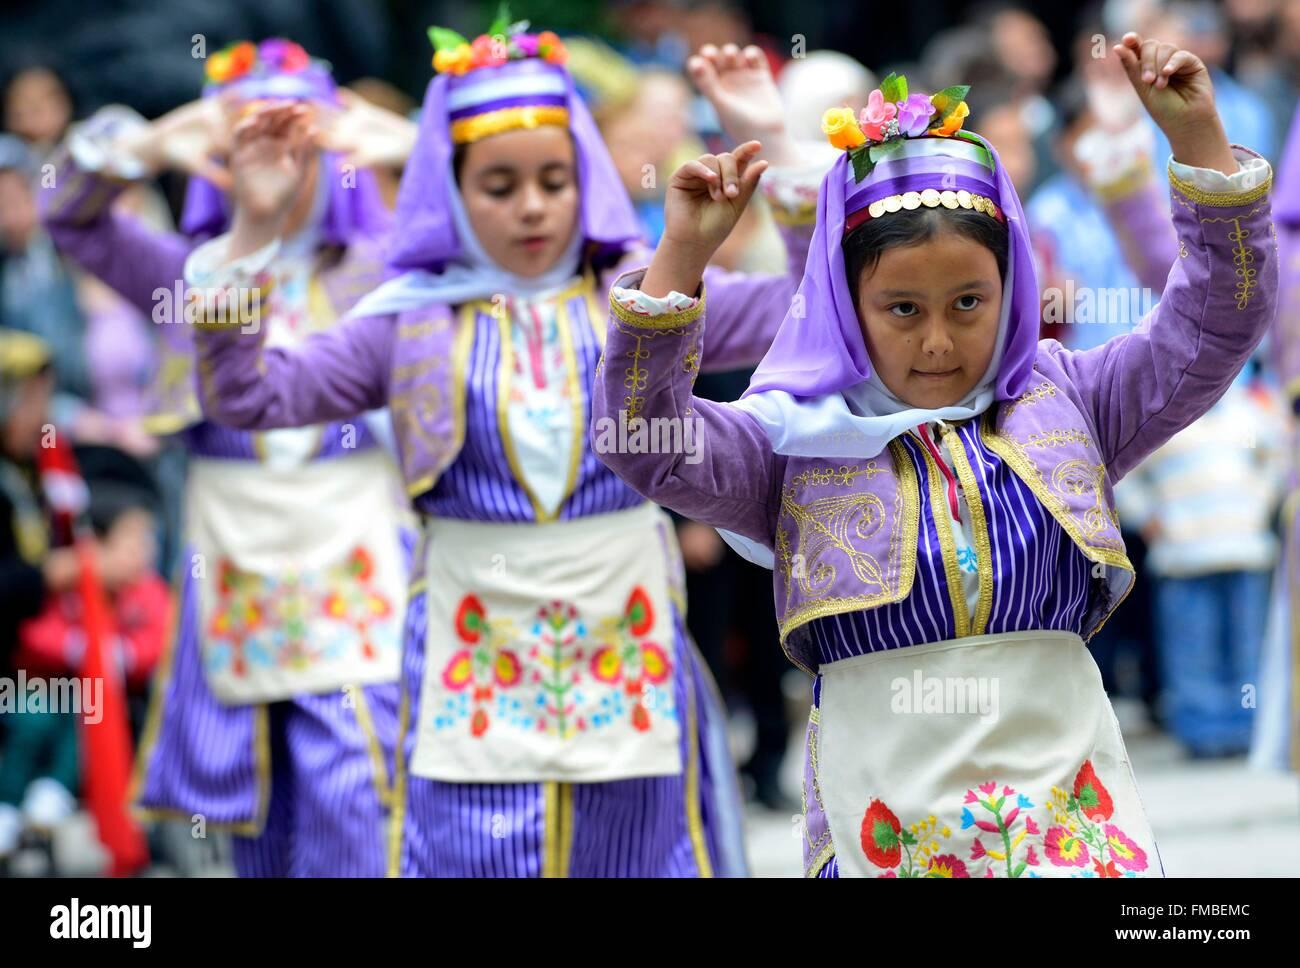 La Turquie, région de Marmara, Bandirma, pour les enfants au cours d'un spectacle traditionnel à l'occasion Photo Stock